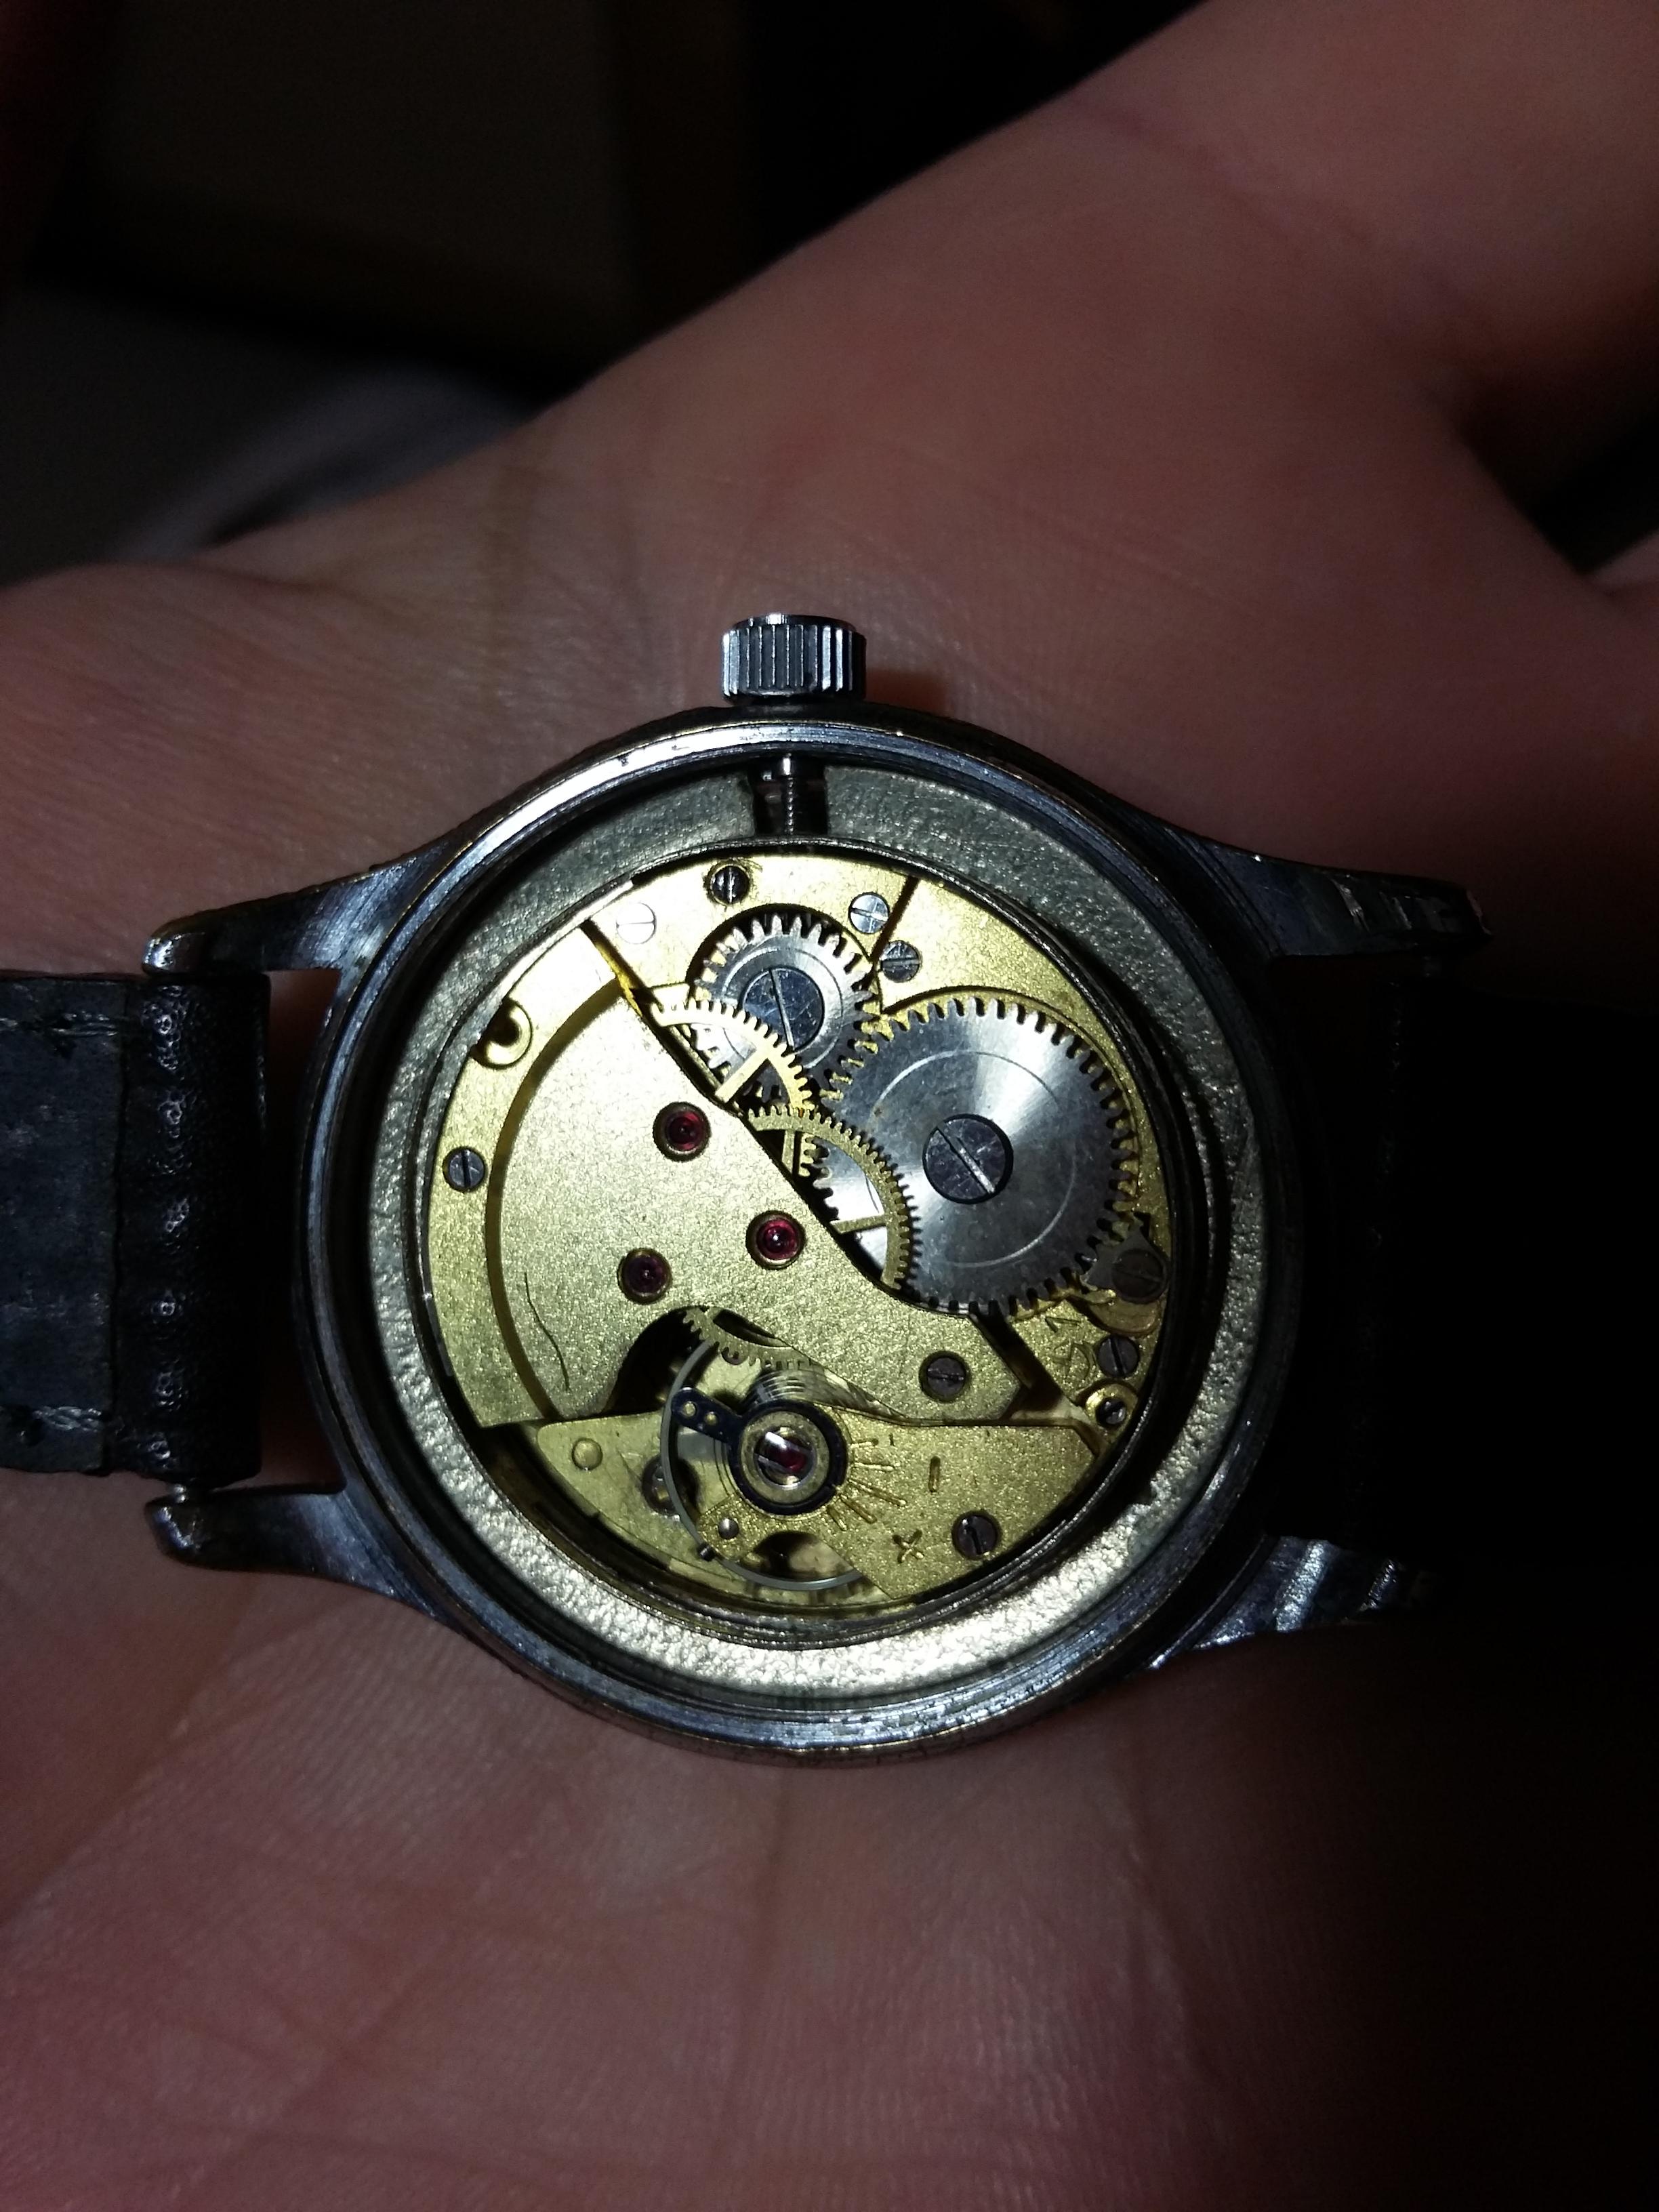 Breitling - Pour faire identifier son mouvement : C'est ici  ! - Page 44 150908093258588228